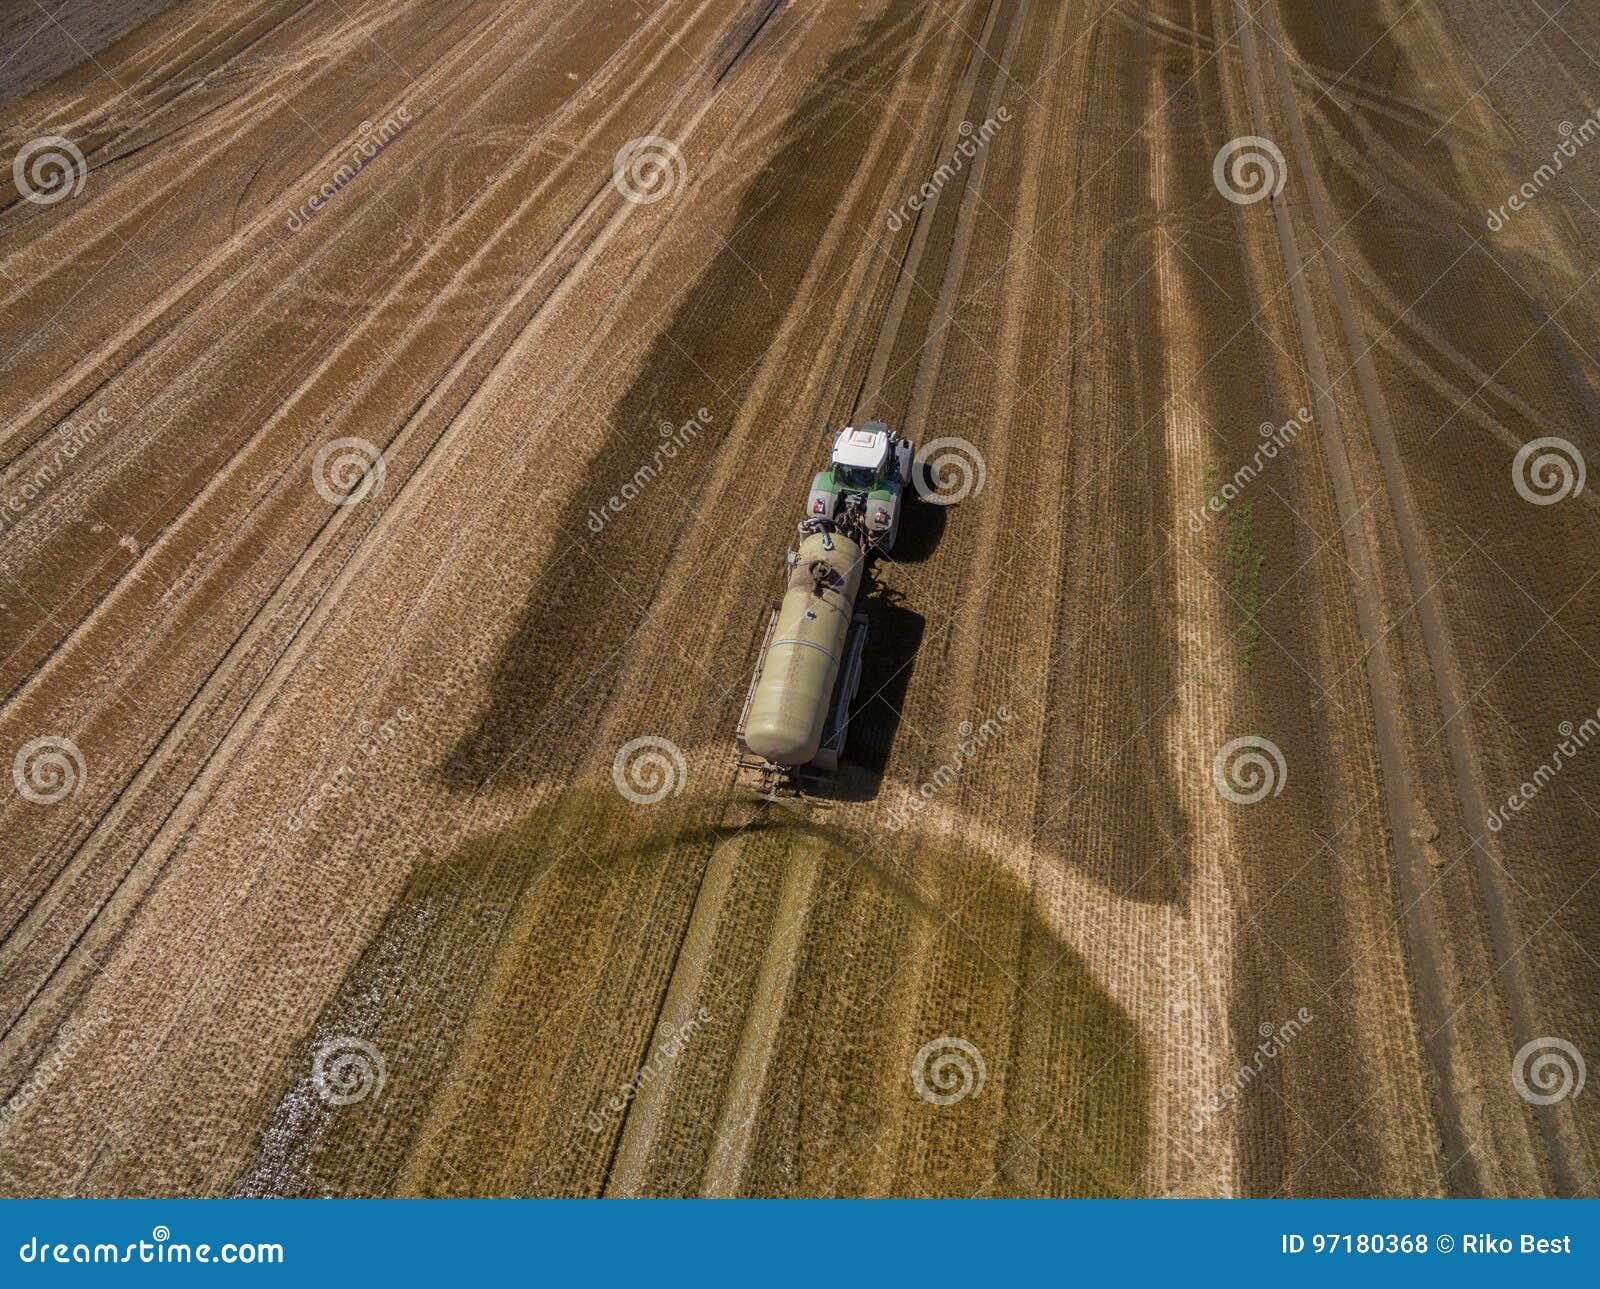 Widok z lotu ptaka uprawia ziemię ciągnik z przyczepą nawozi świeżo zaoranego agriculural pole z nawozem